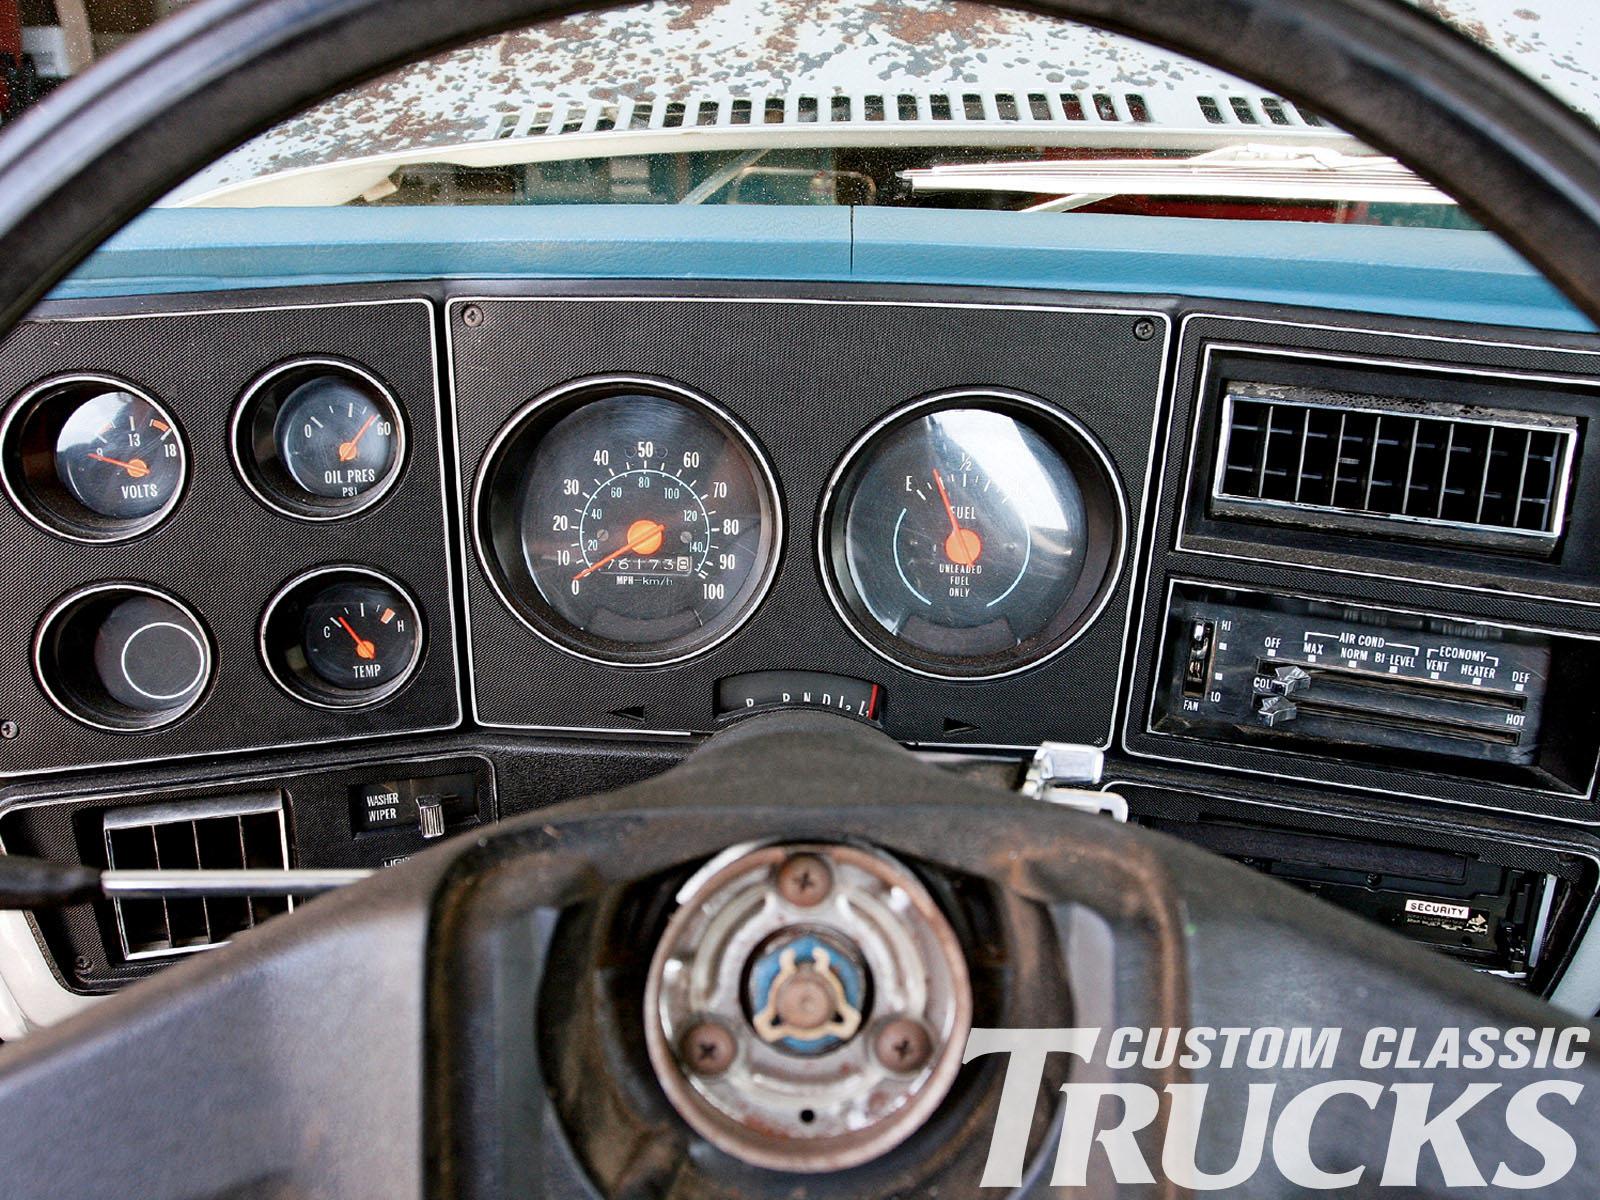 1985 Chevy Truck Gauge Cluster